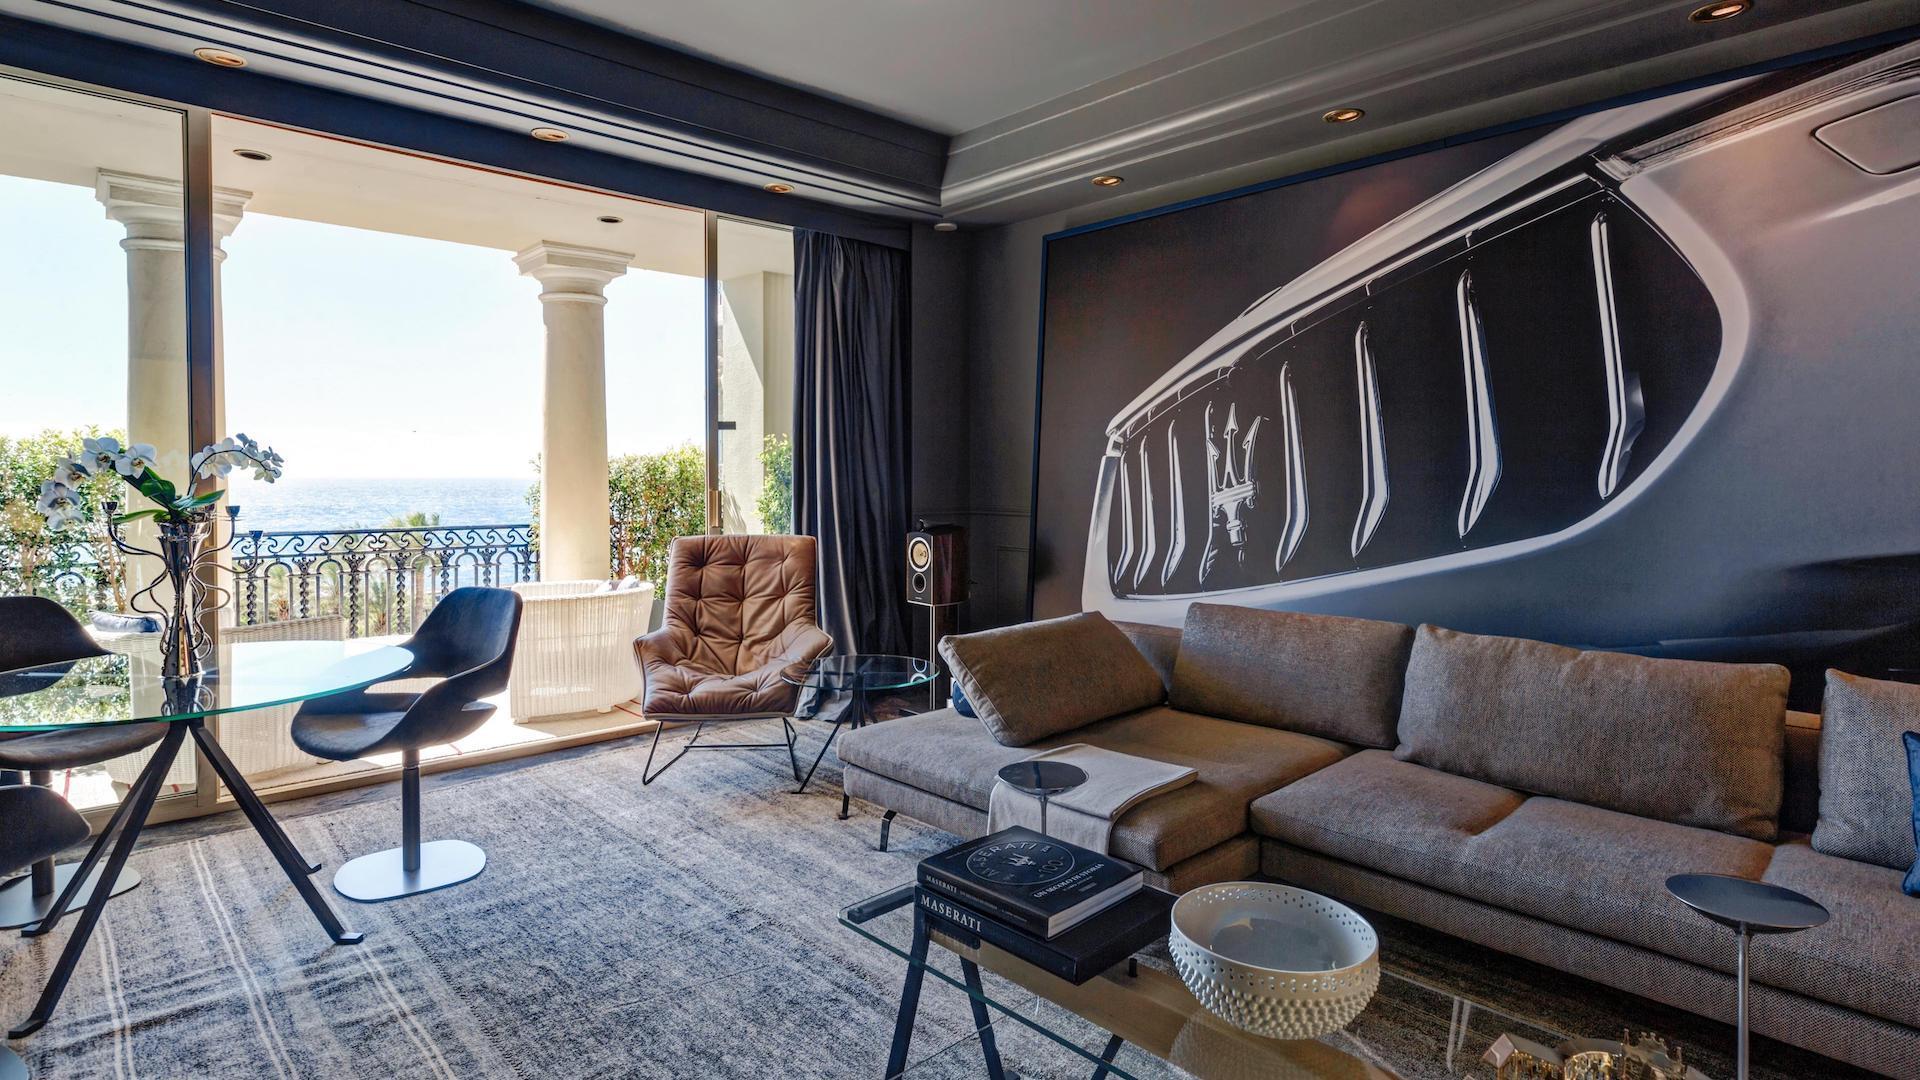 Para amantes de Francia y los autos: una noche de lujo en una habitación temática Maserati. ¿Cuánto cuesta alojarse?